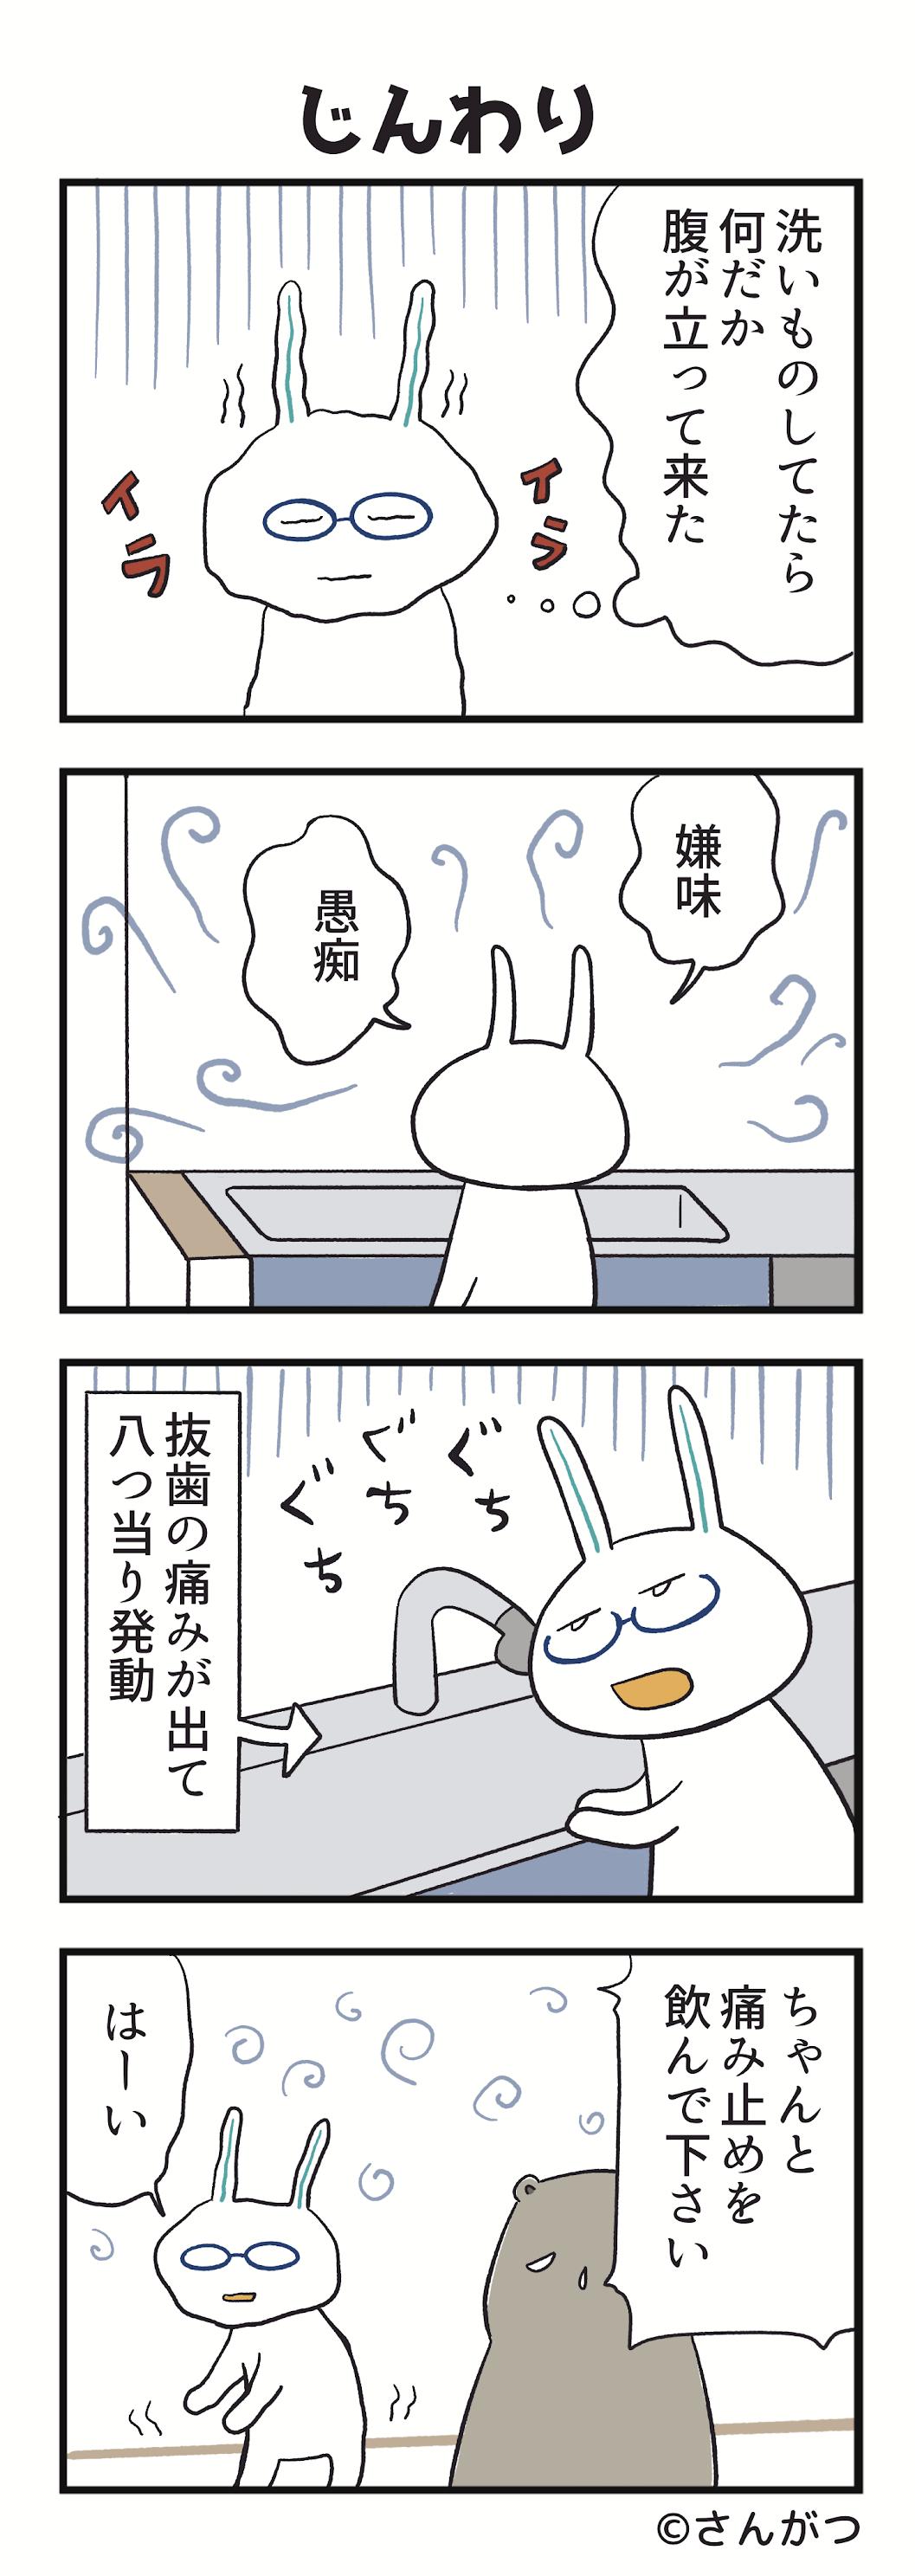 歯科矯正の漫画9「親知らずの抜歯・・・2度目の抜歯編」